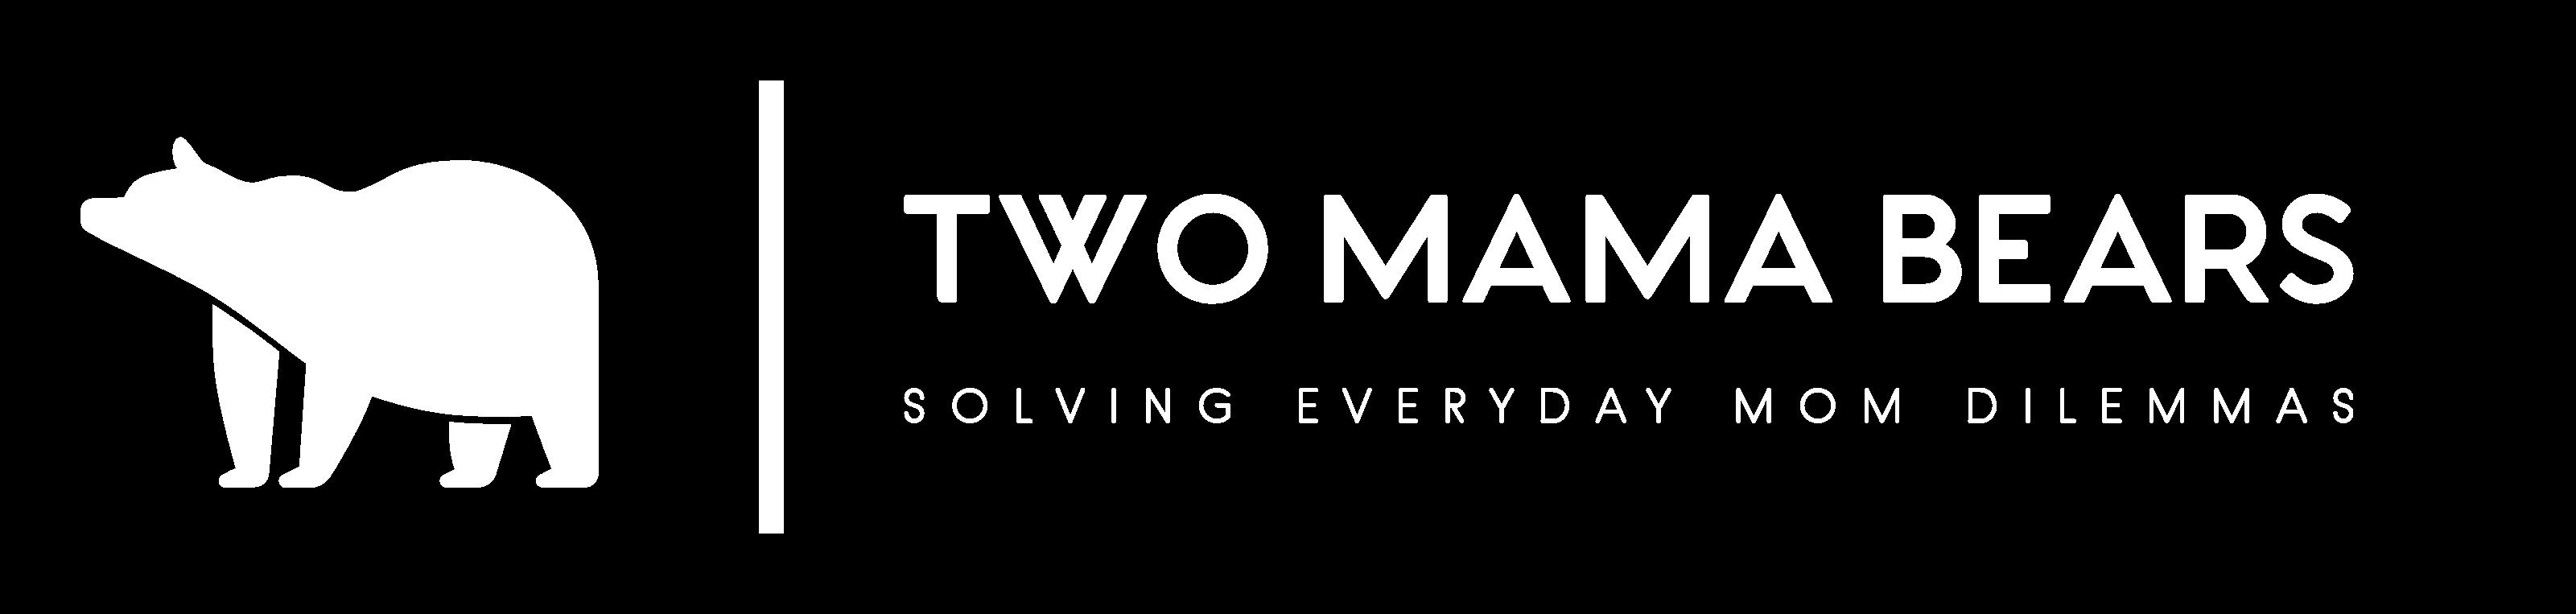 Two Mama Bears